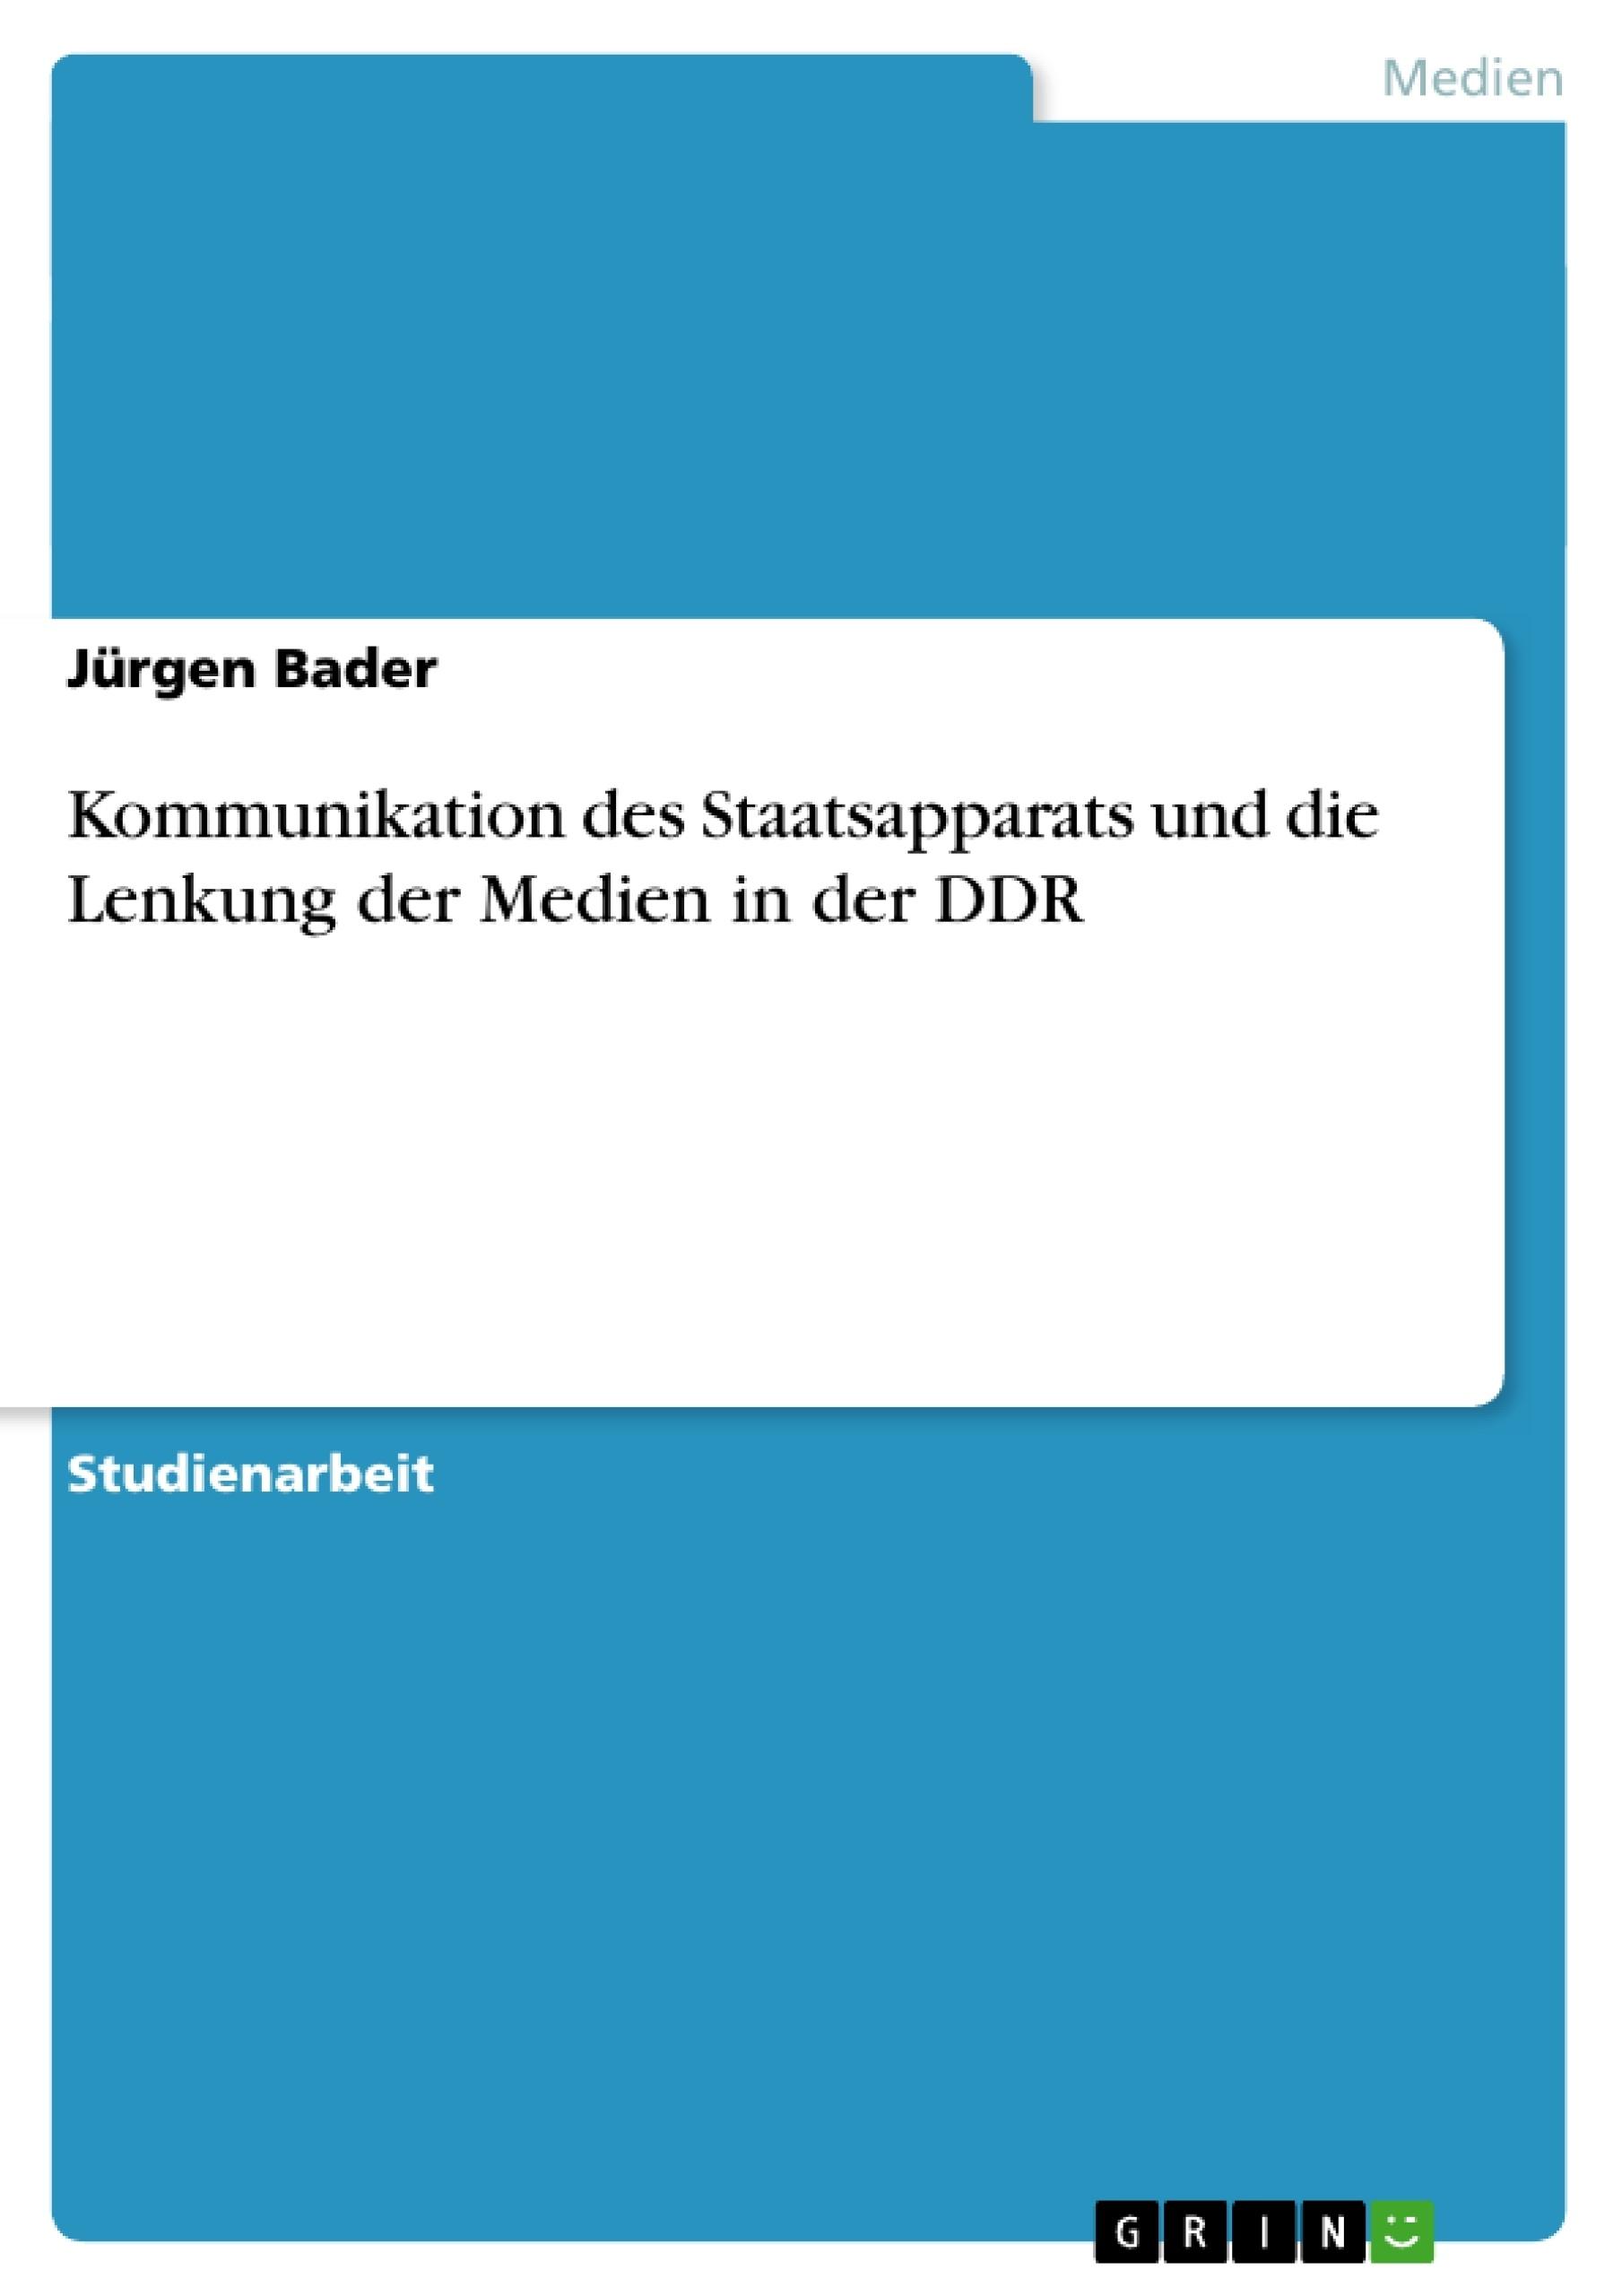 Titel: Kommunikation des Staatsapparats und die Lenkung der Medien in der DDR